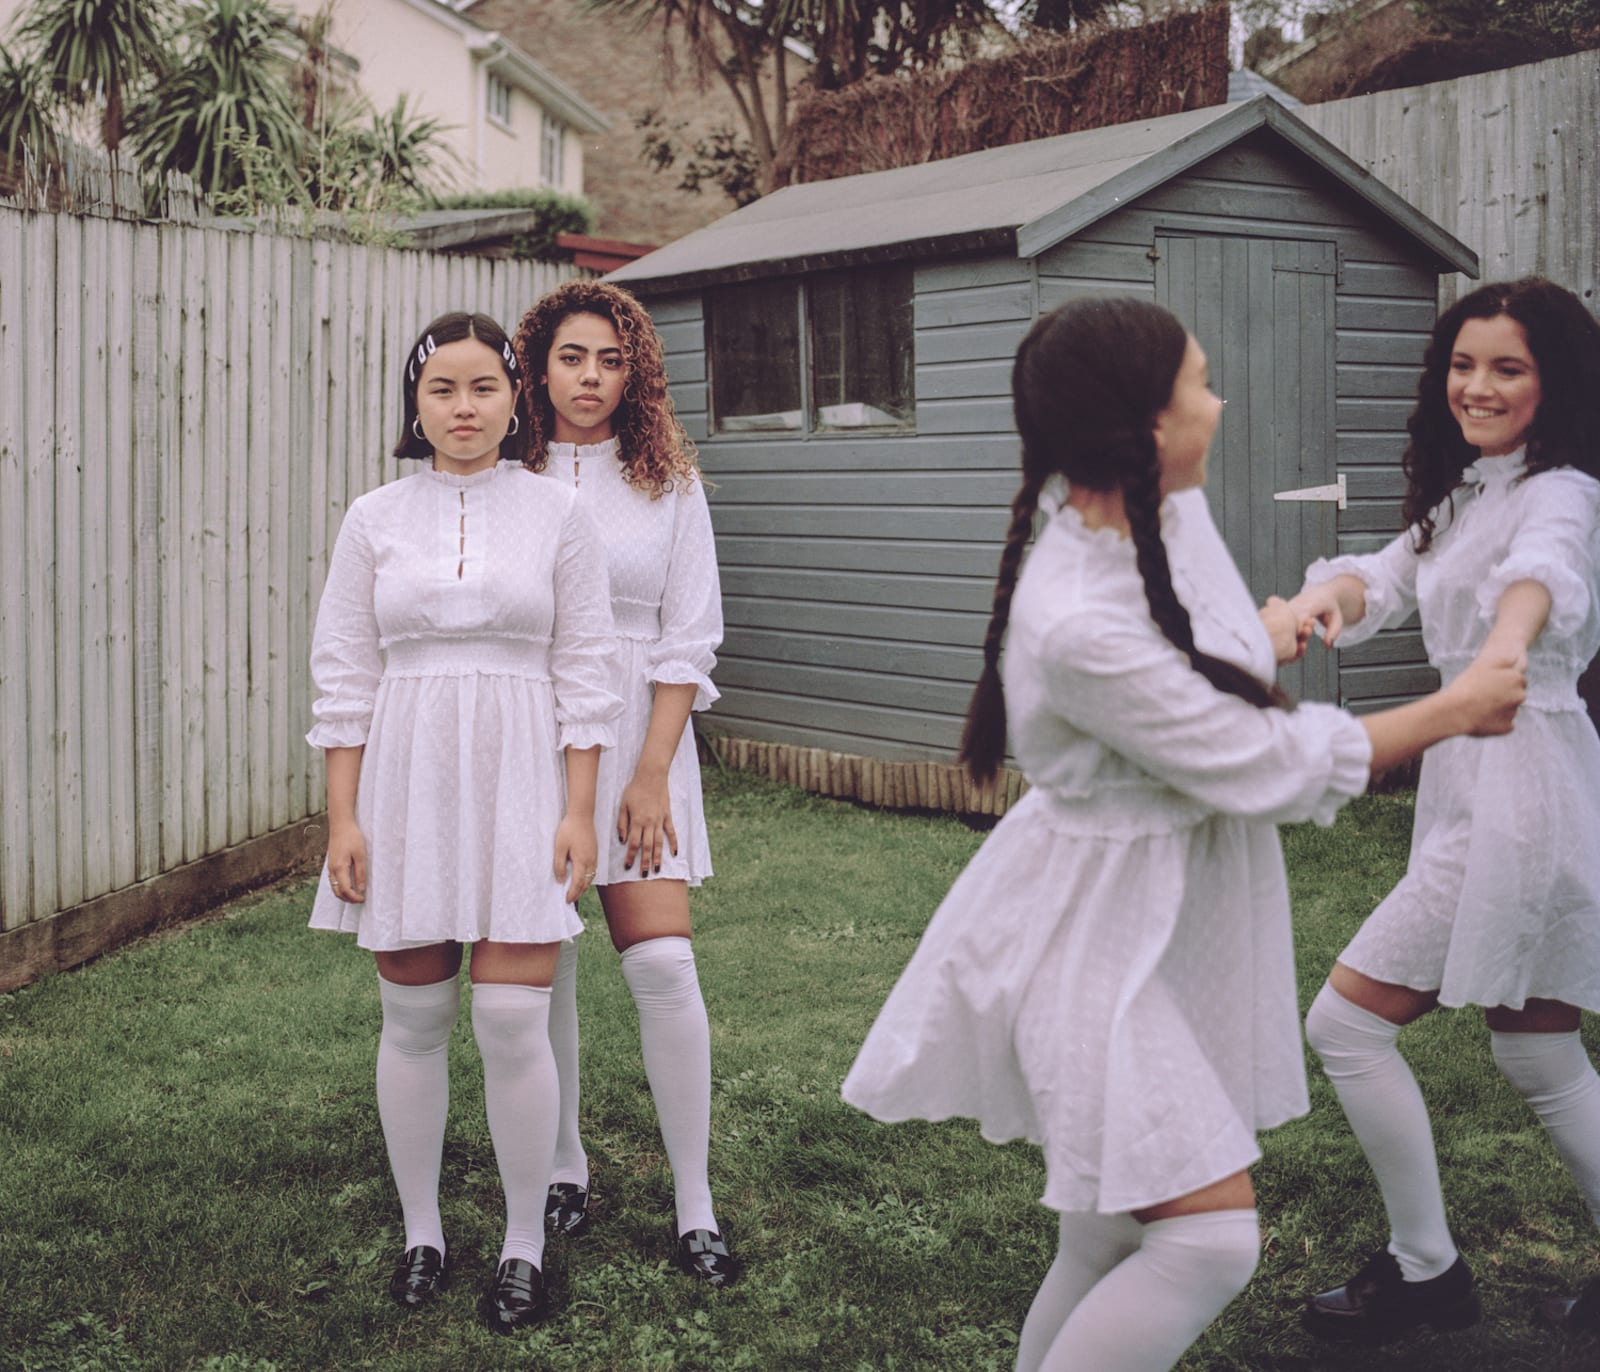 مصورة تستكشف روابط الصداقة بين الفتيات